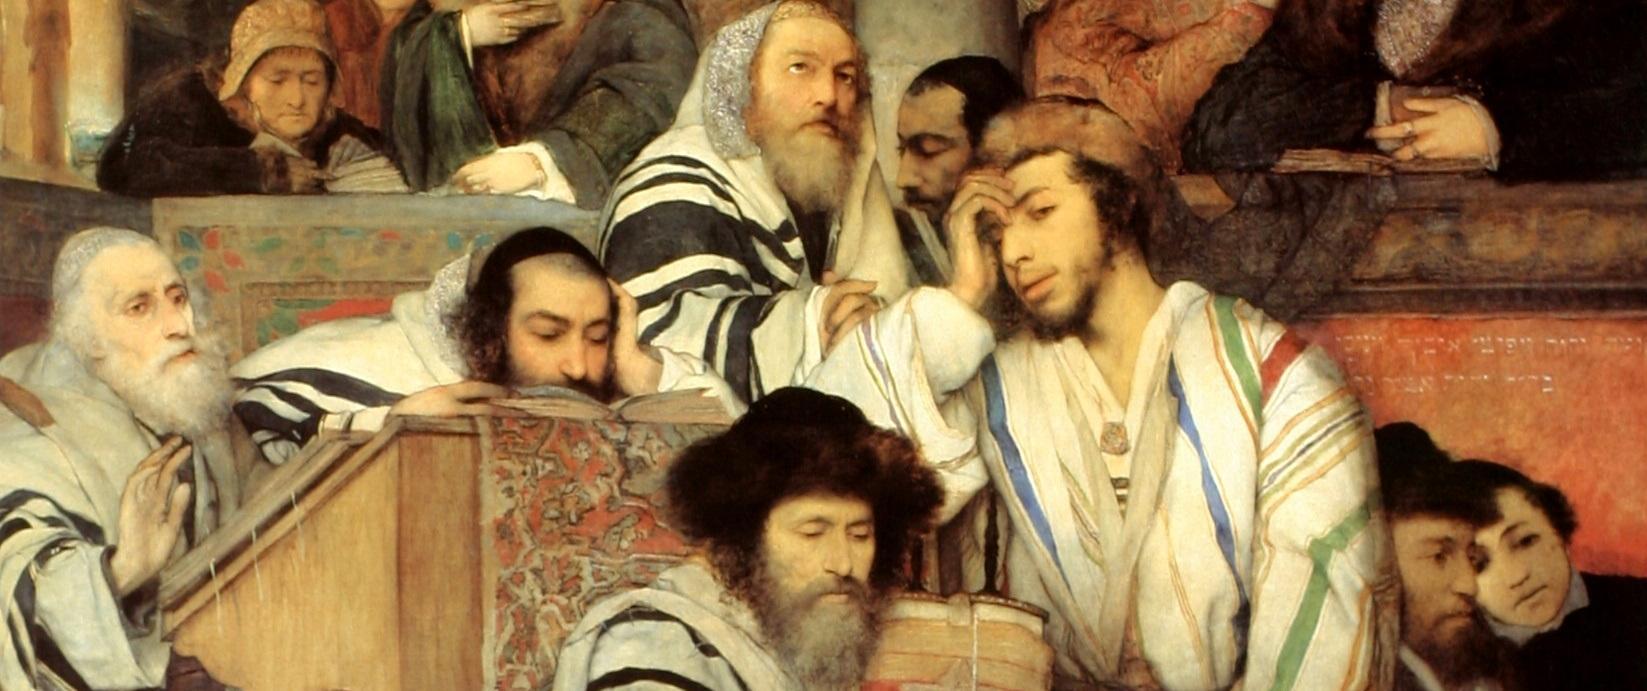 Мауриций Готтлиб, Еврейская молитва в синагоге в Йом-Кипур (1878), фрагмент. Тель-Авивский художественный музей